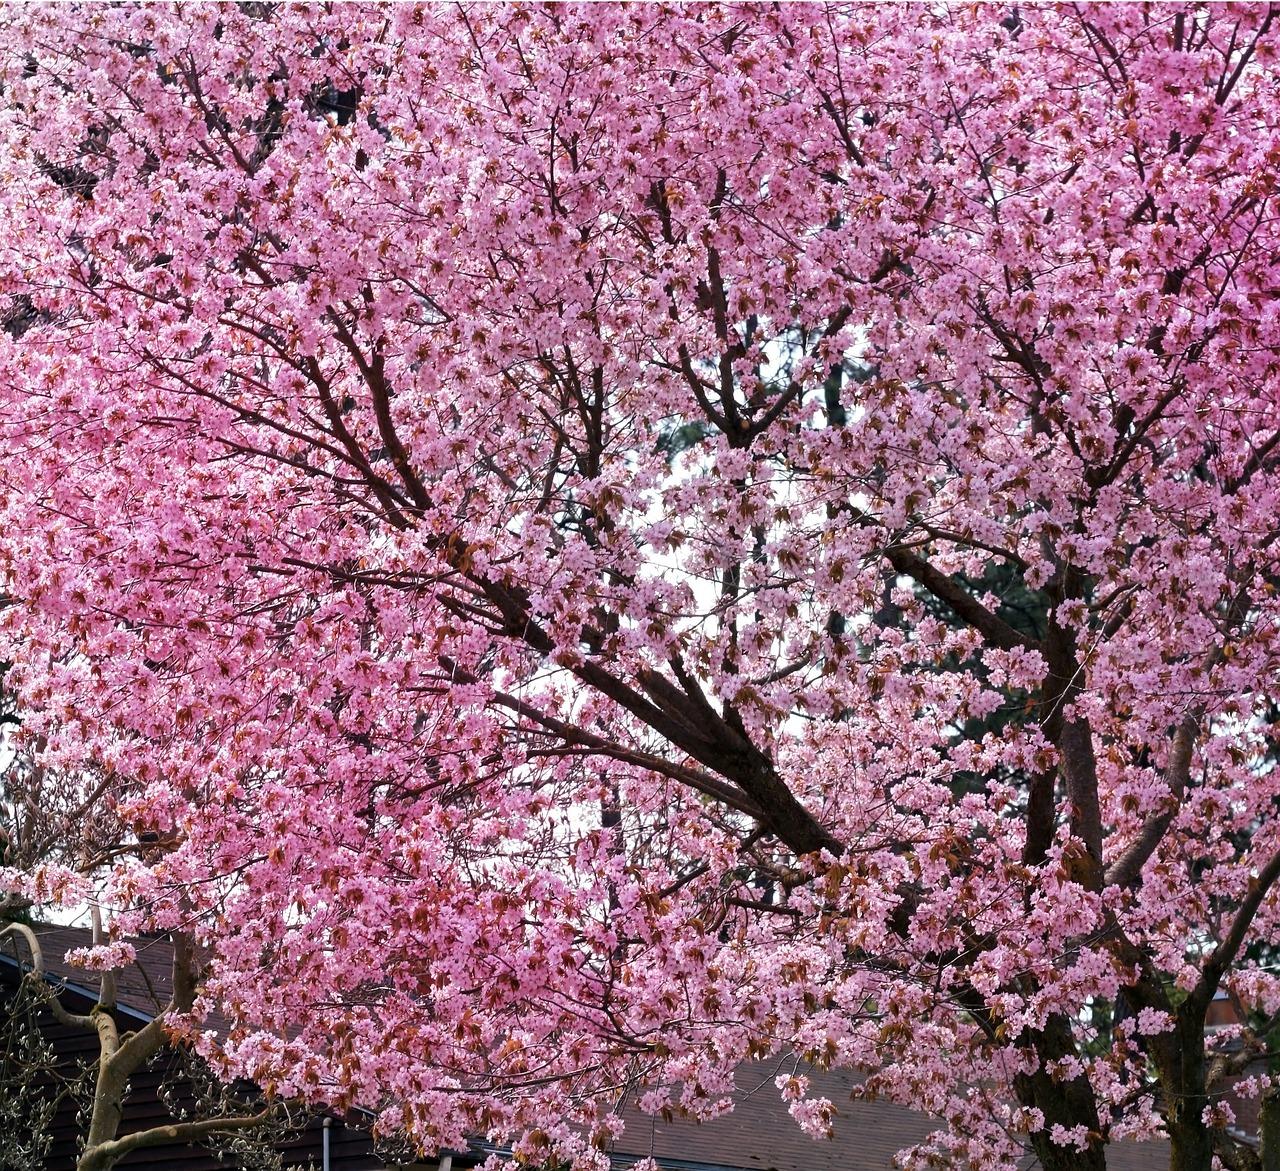 картинки сакуры в цвету полностью кровать